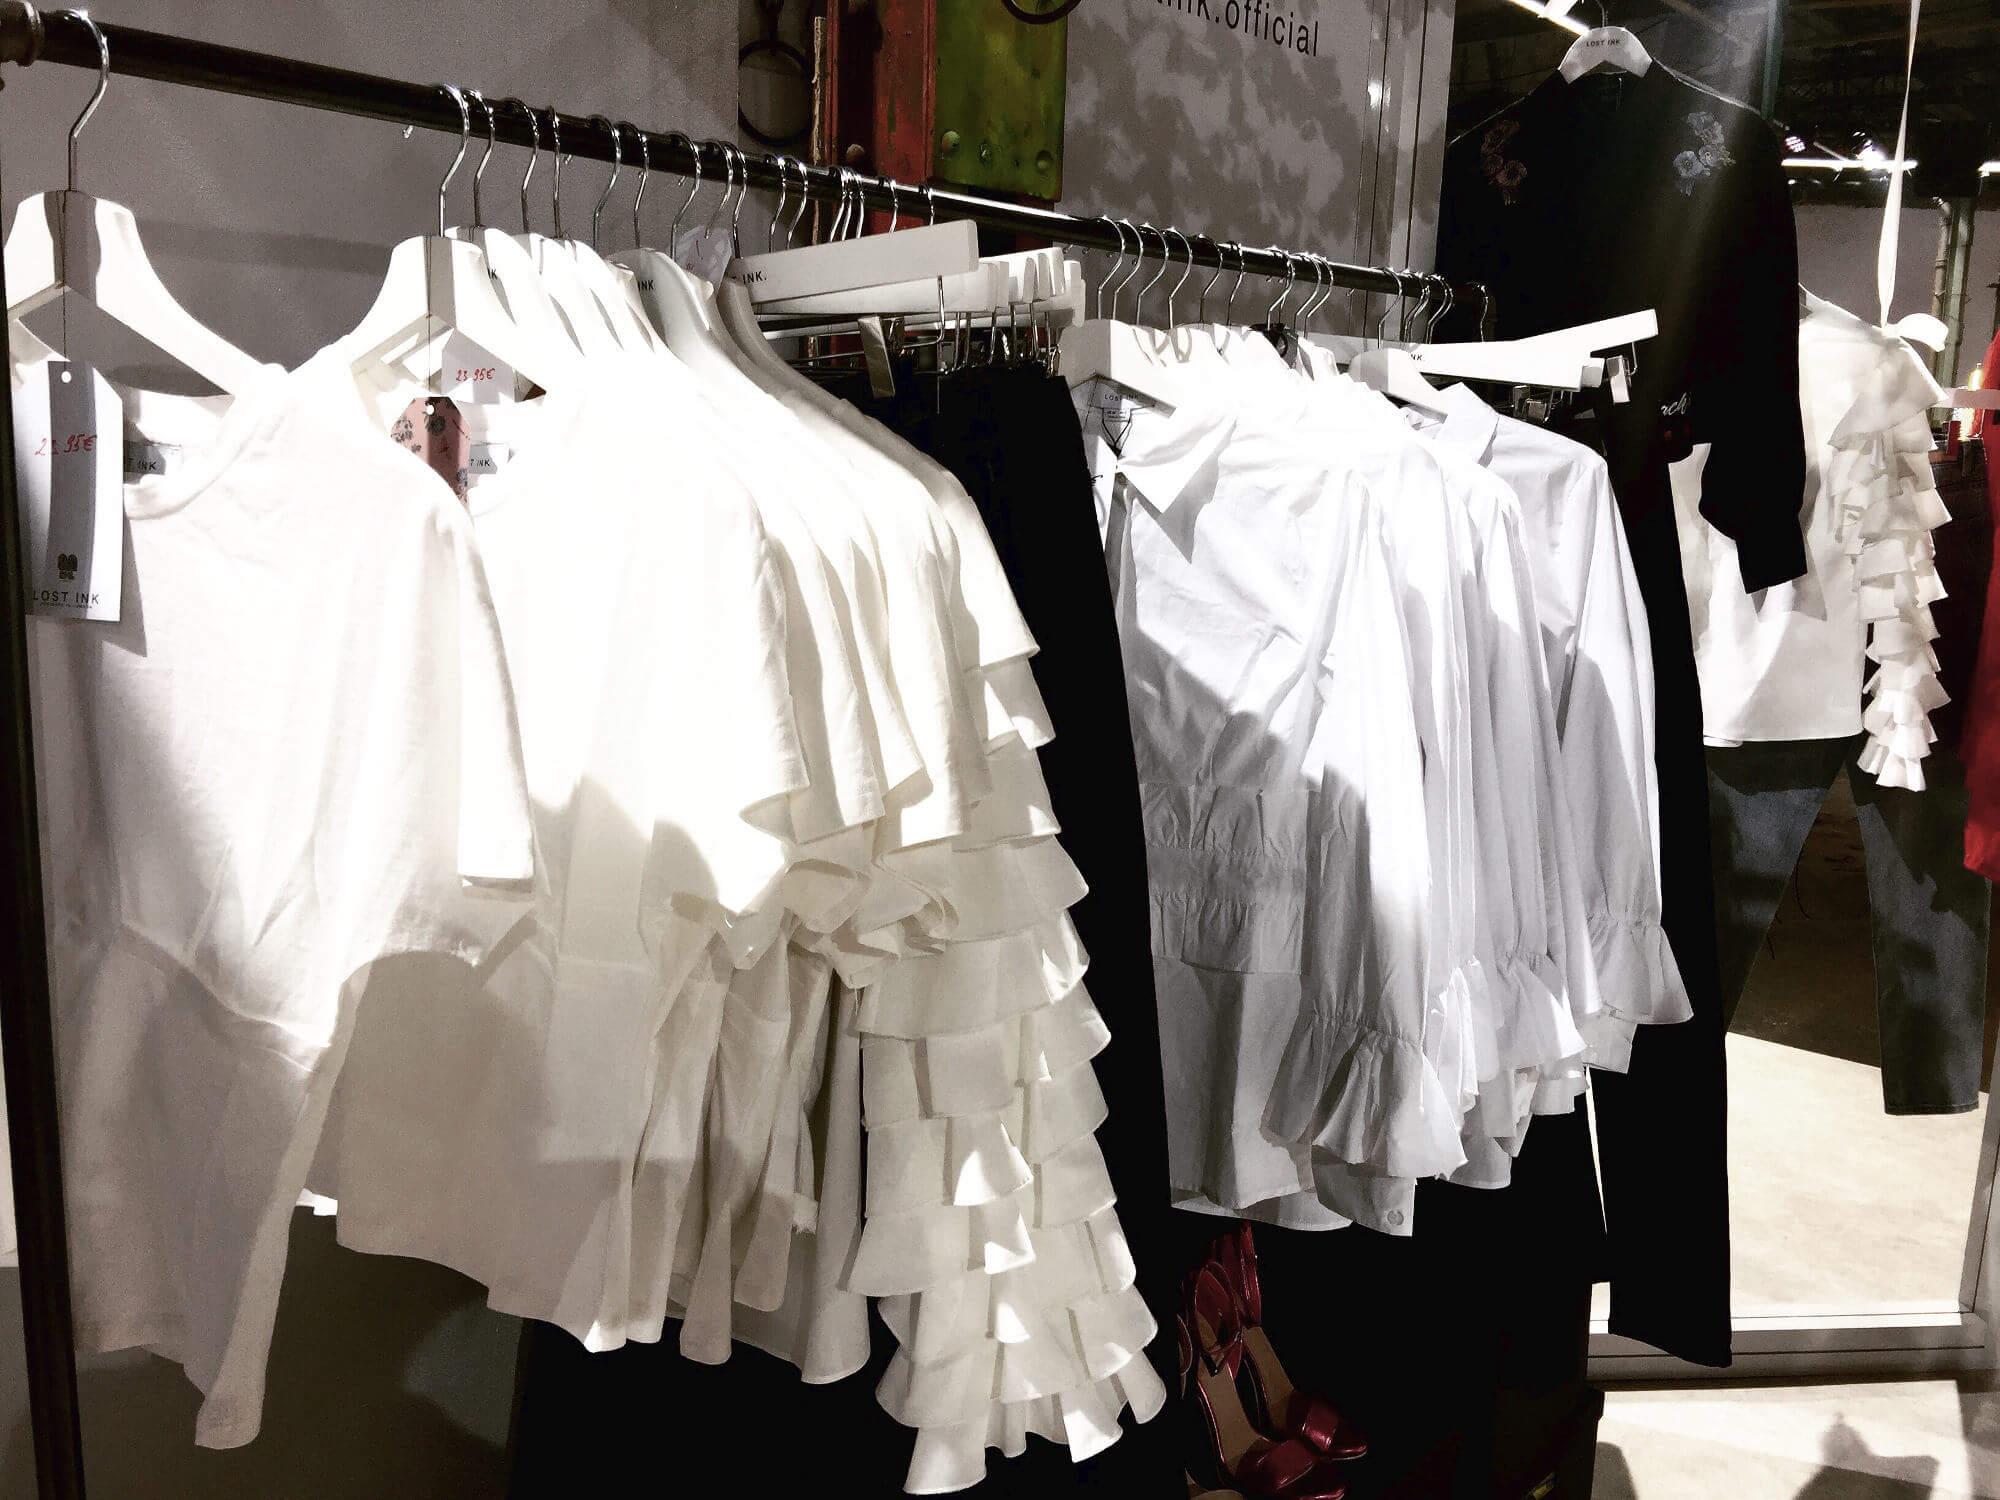 Kleiderstange mit weißen Blusen und schwarzen Hosen